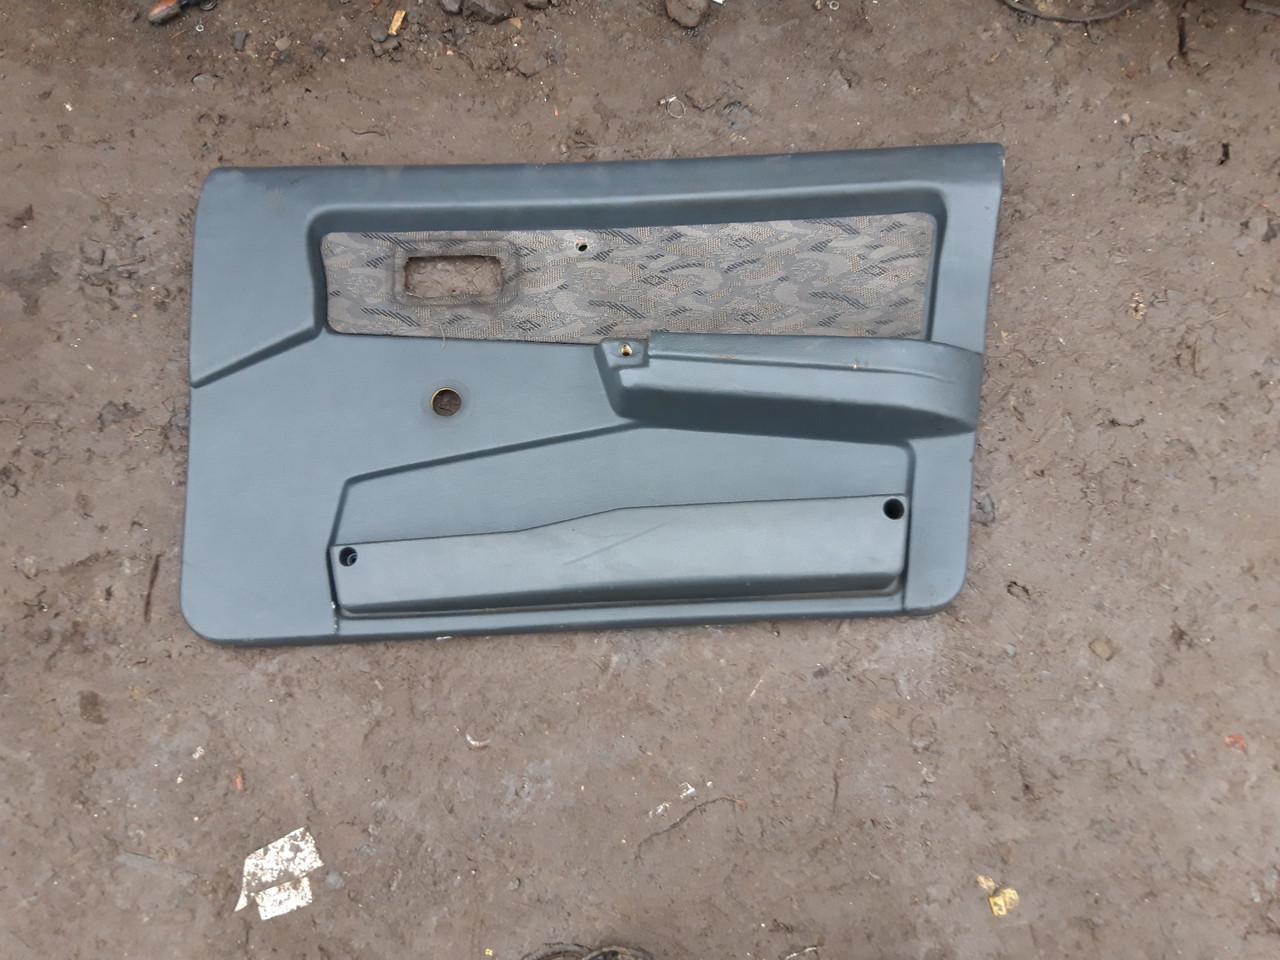 Карты дверей ВАЗ 2109 21099  задние передние обшивка обивка дверей комплект  бу